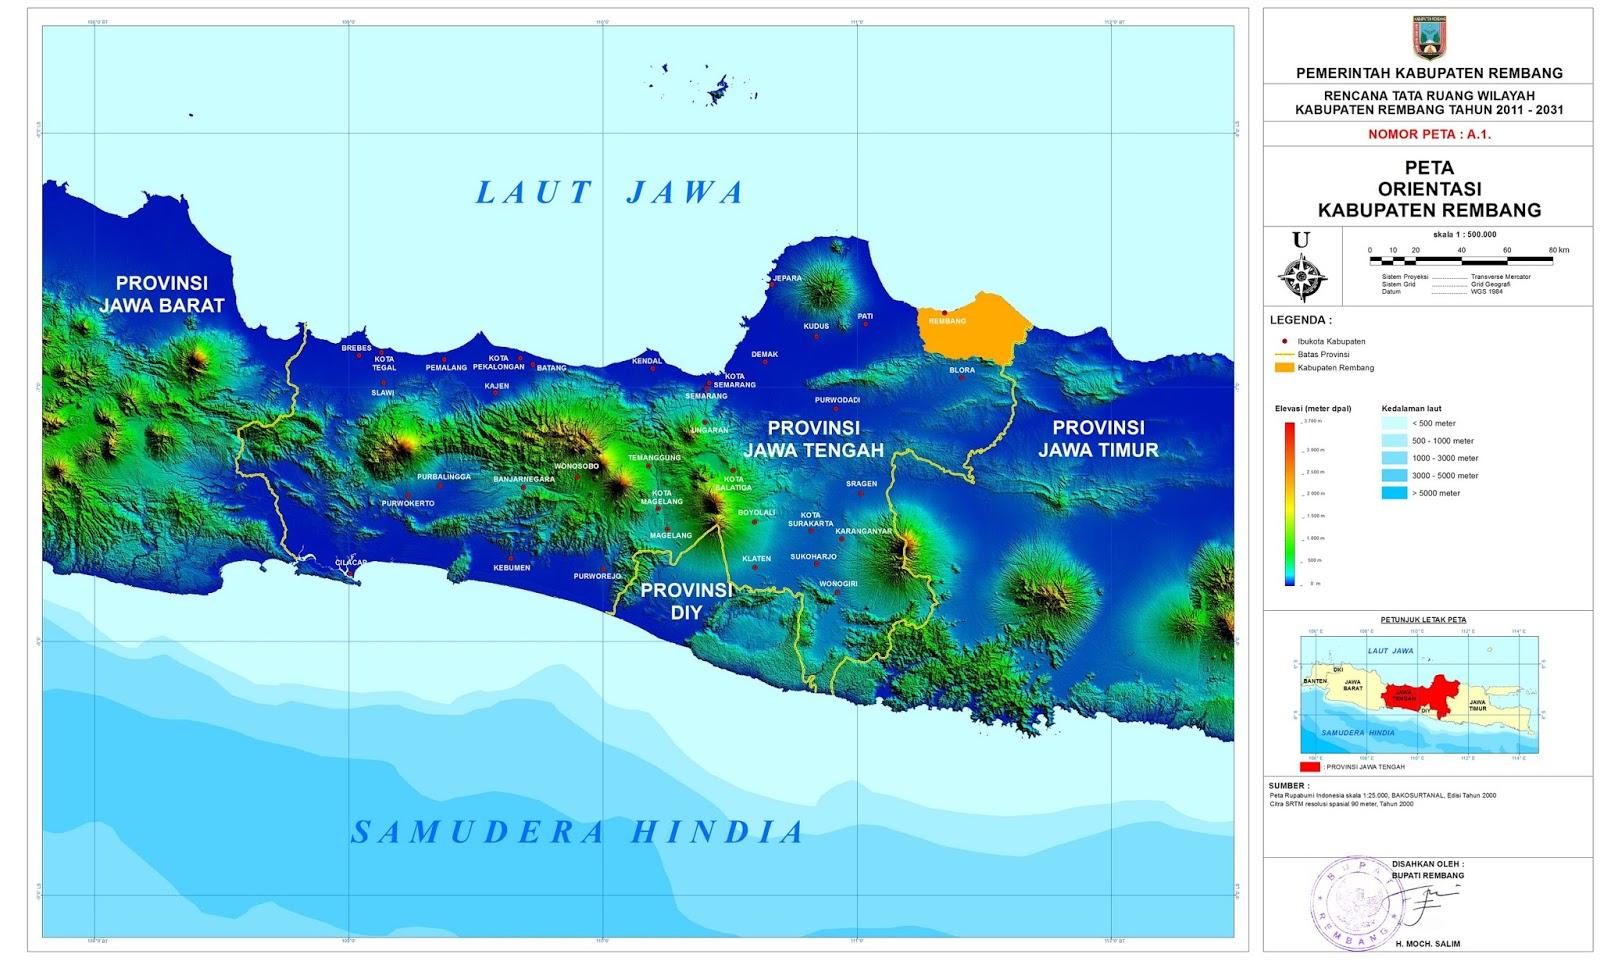 Peta Lengkap Indonesia Orientasi Kabupaten Rembang Gambar Topografi Pulau Jawa